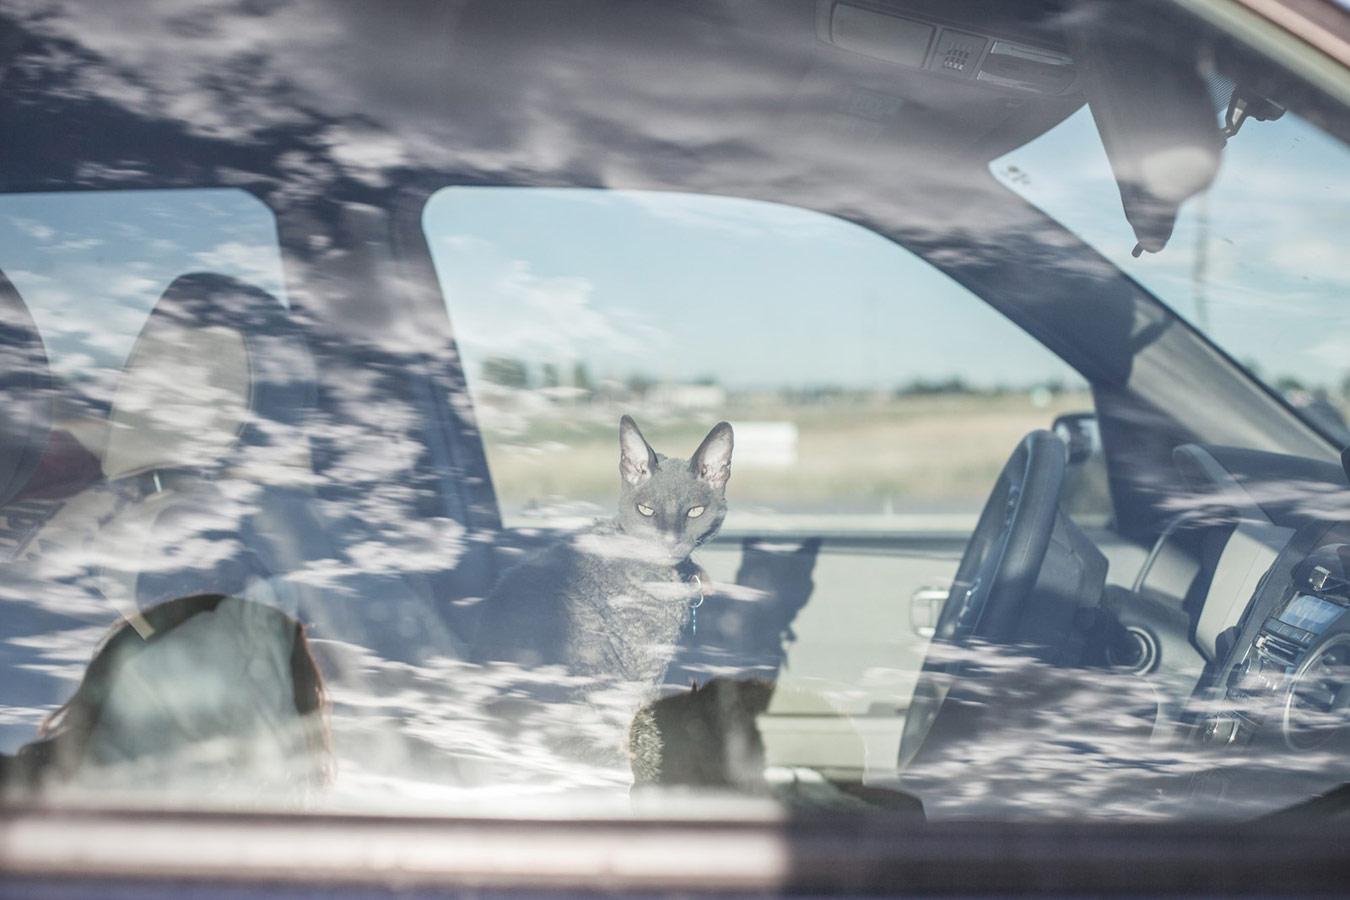 Кошка в машине из серии «Герцог Эрл», © Кристофер Бетелл, Великобритания, Золотая награда до 30 лет, Фотоконкурс RPS International Photography Exhibition (IPE)